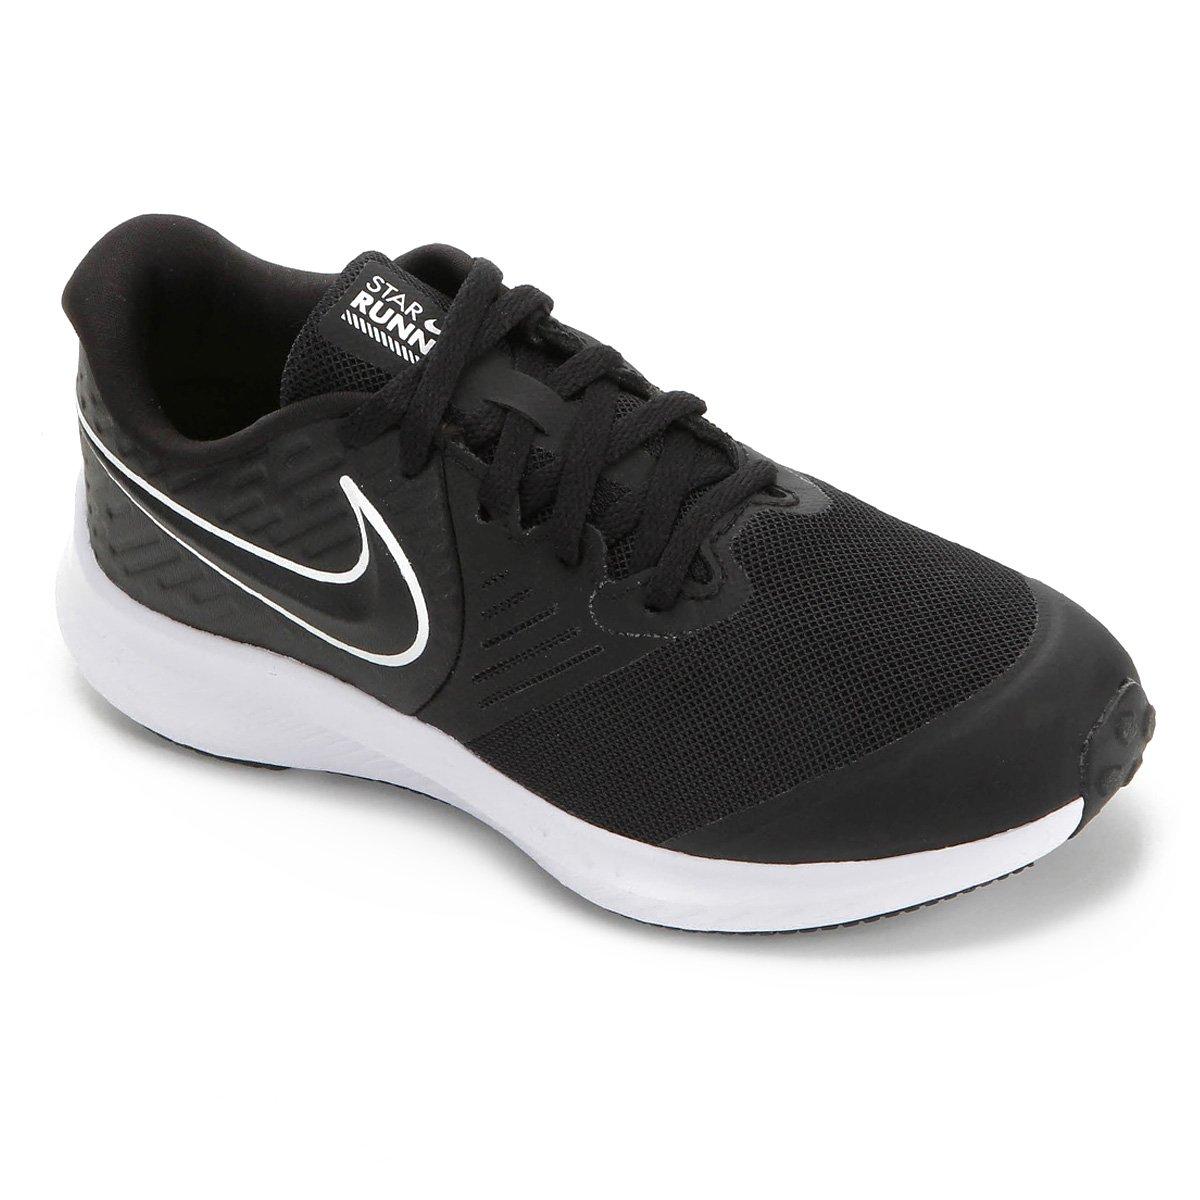 Tênis Infantil Nike Star Runner 2 GS Masculino - Tam: 35